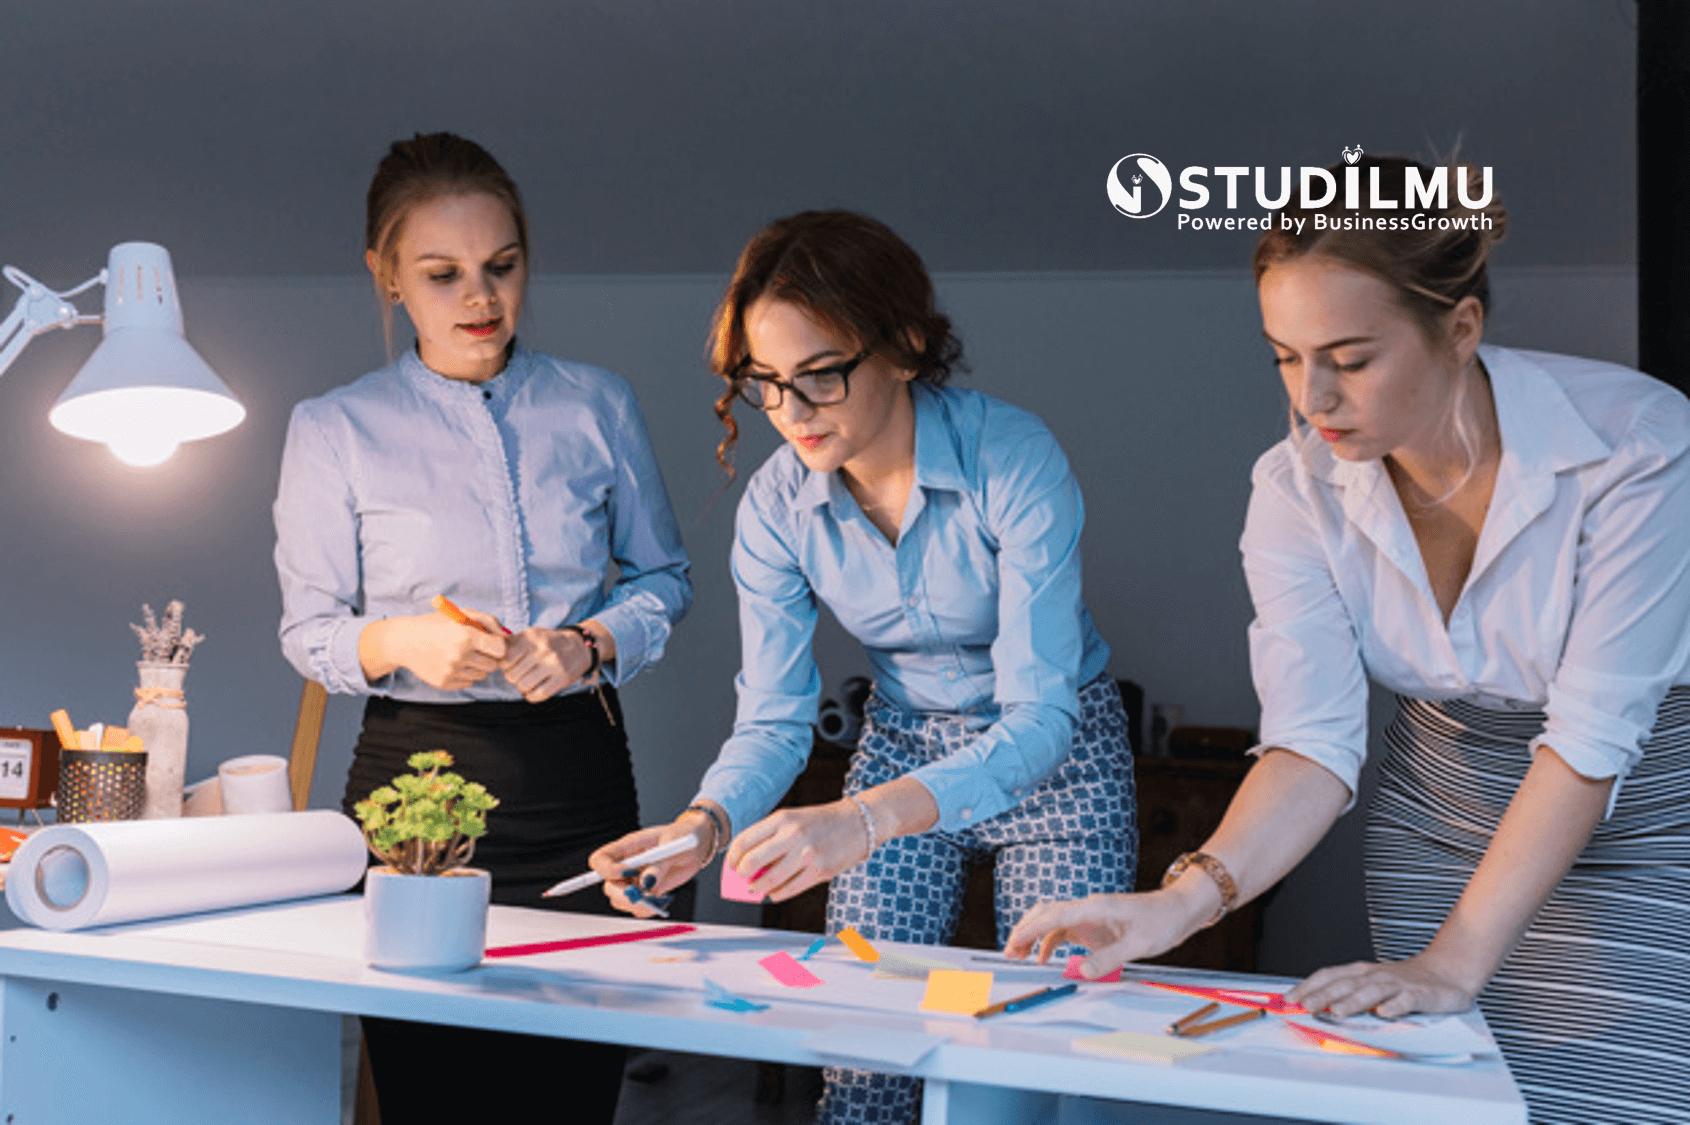 STUDILMU Career Advice - 5 Manfaat Menjaga Kebahagiaan Sejati Karyawan bagi Perusahaan